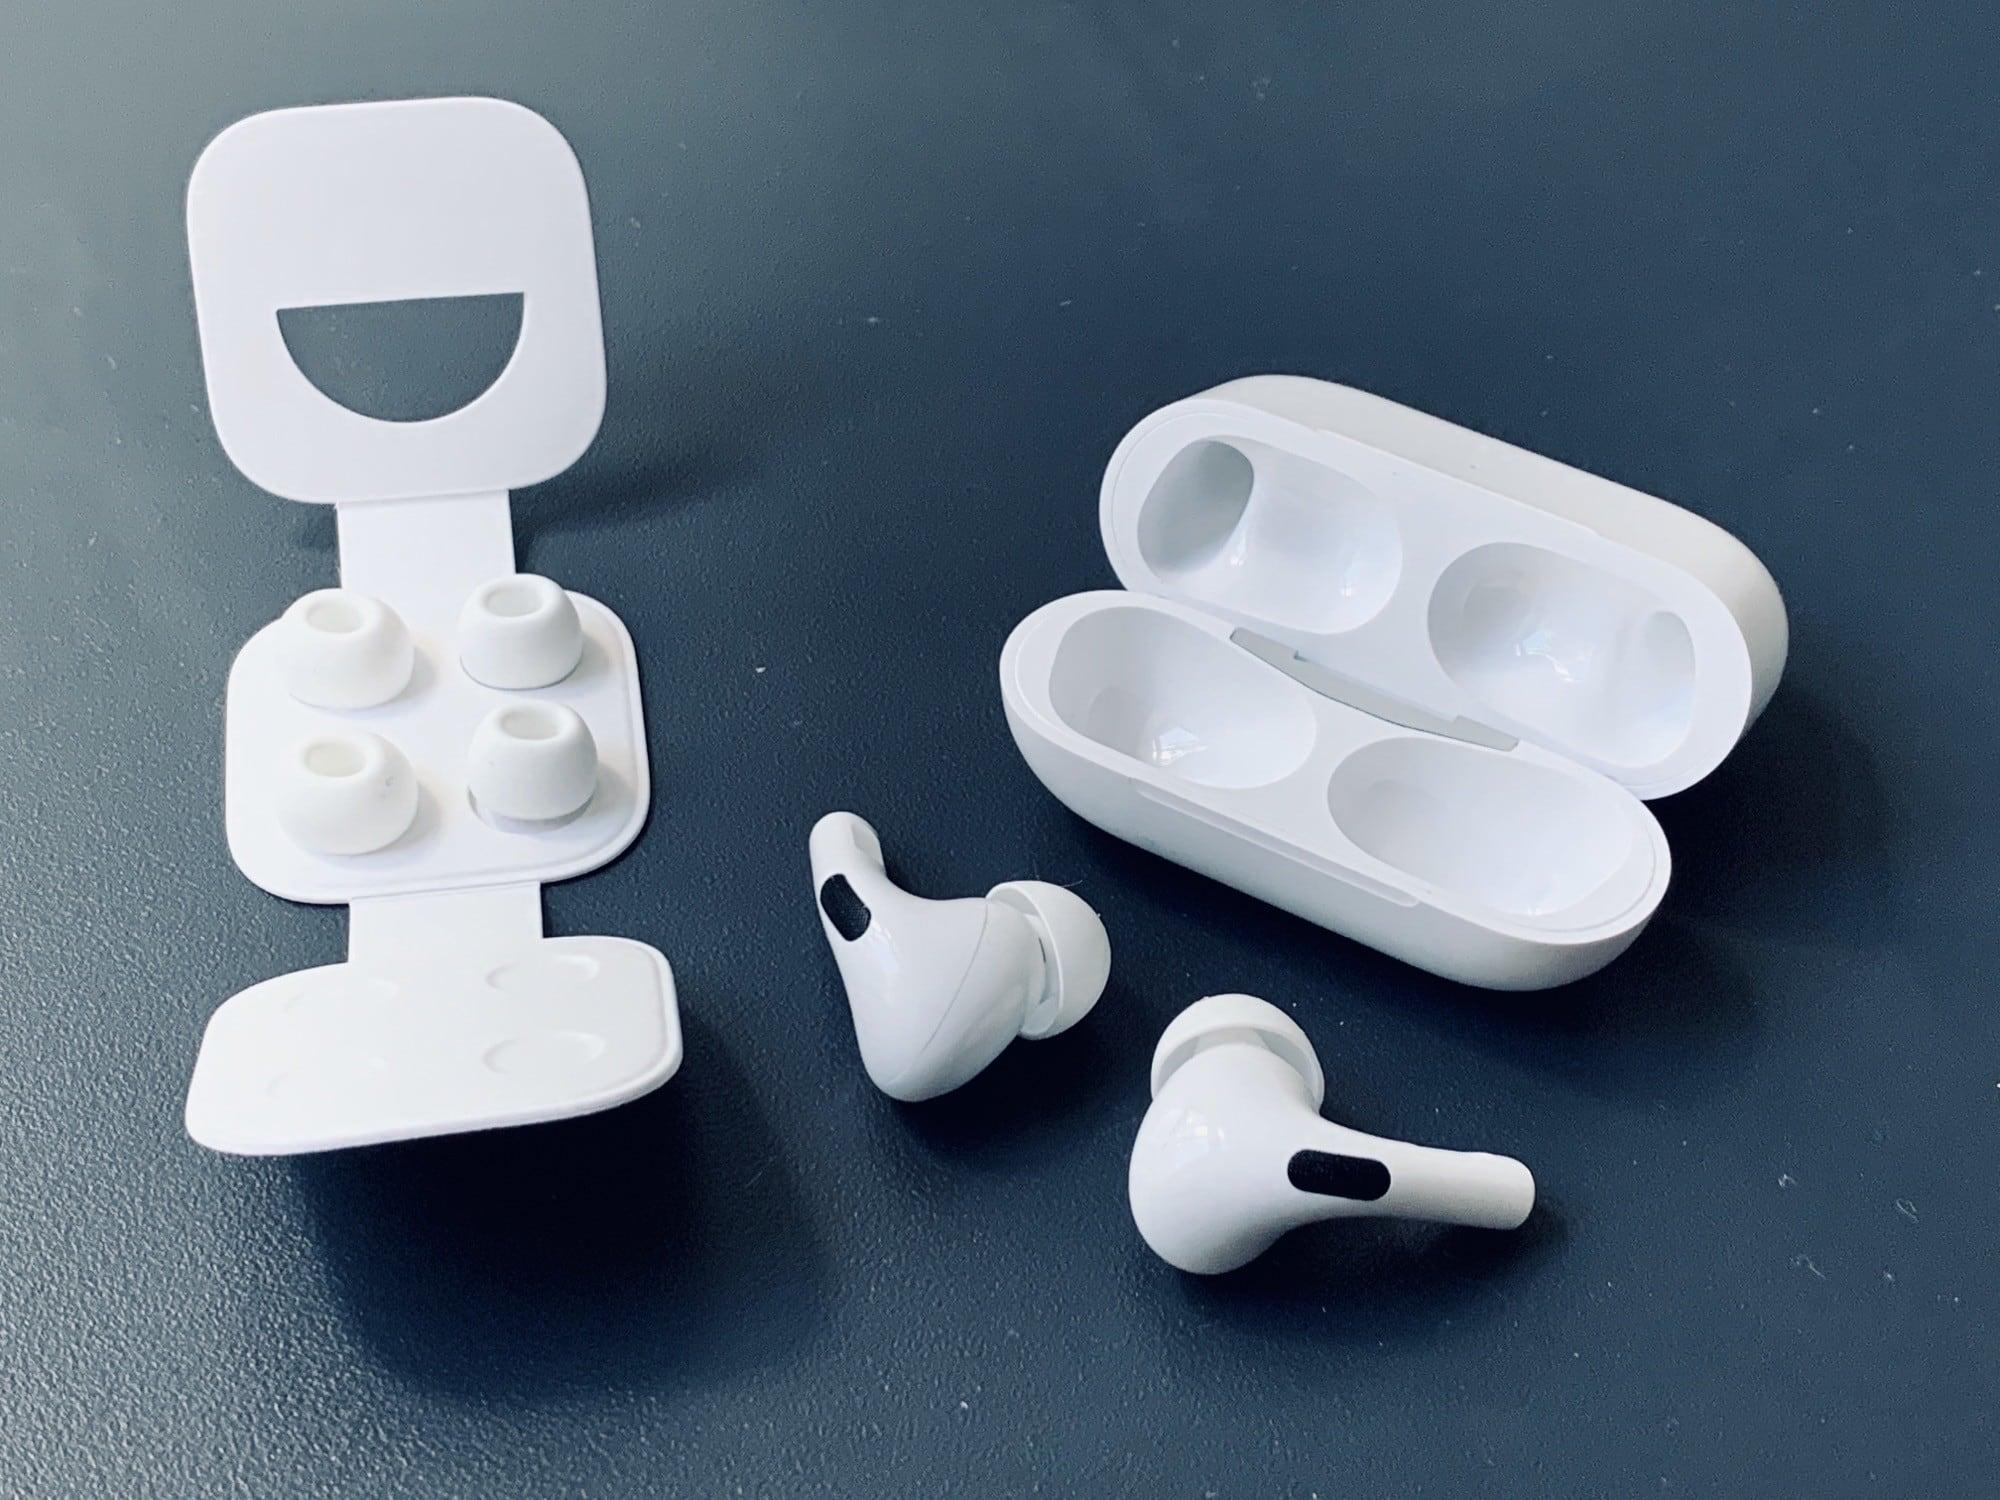 Обзор AirPods Pro_лучшие полностью беспроводные наушники от Apple - наушники с комплектацией